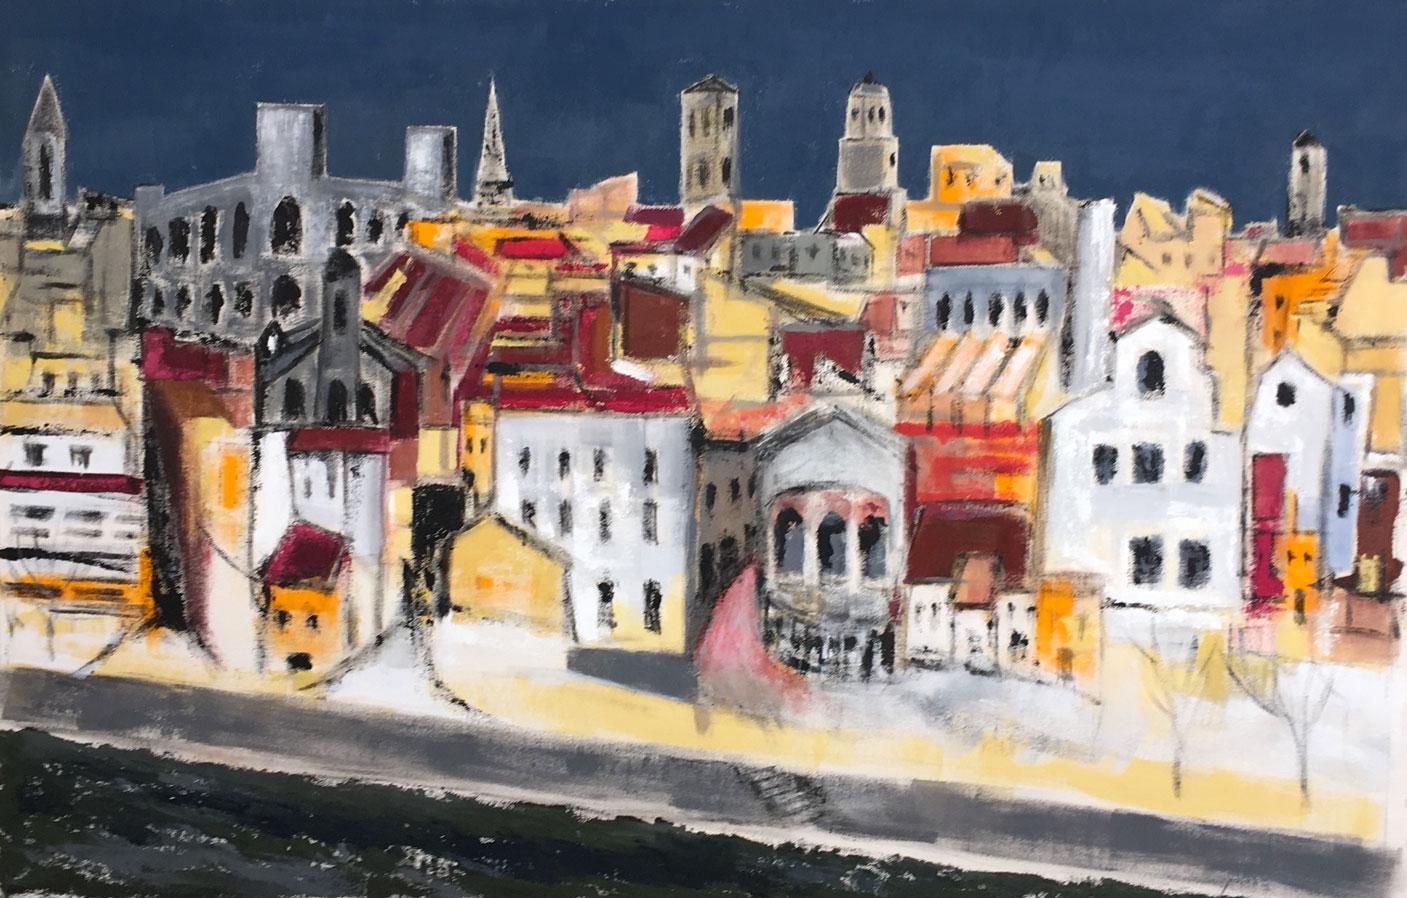 N°4039 - Arles, Hommage à Théo - Acrylique sur toile - 90 x 140 cm - 11 décembre 2017